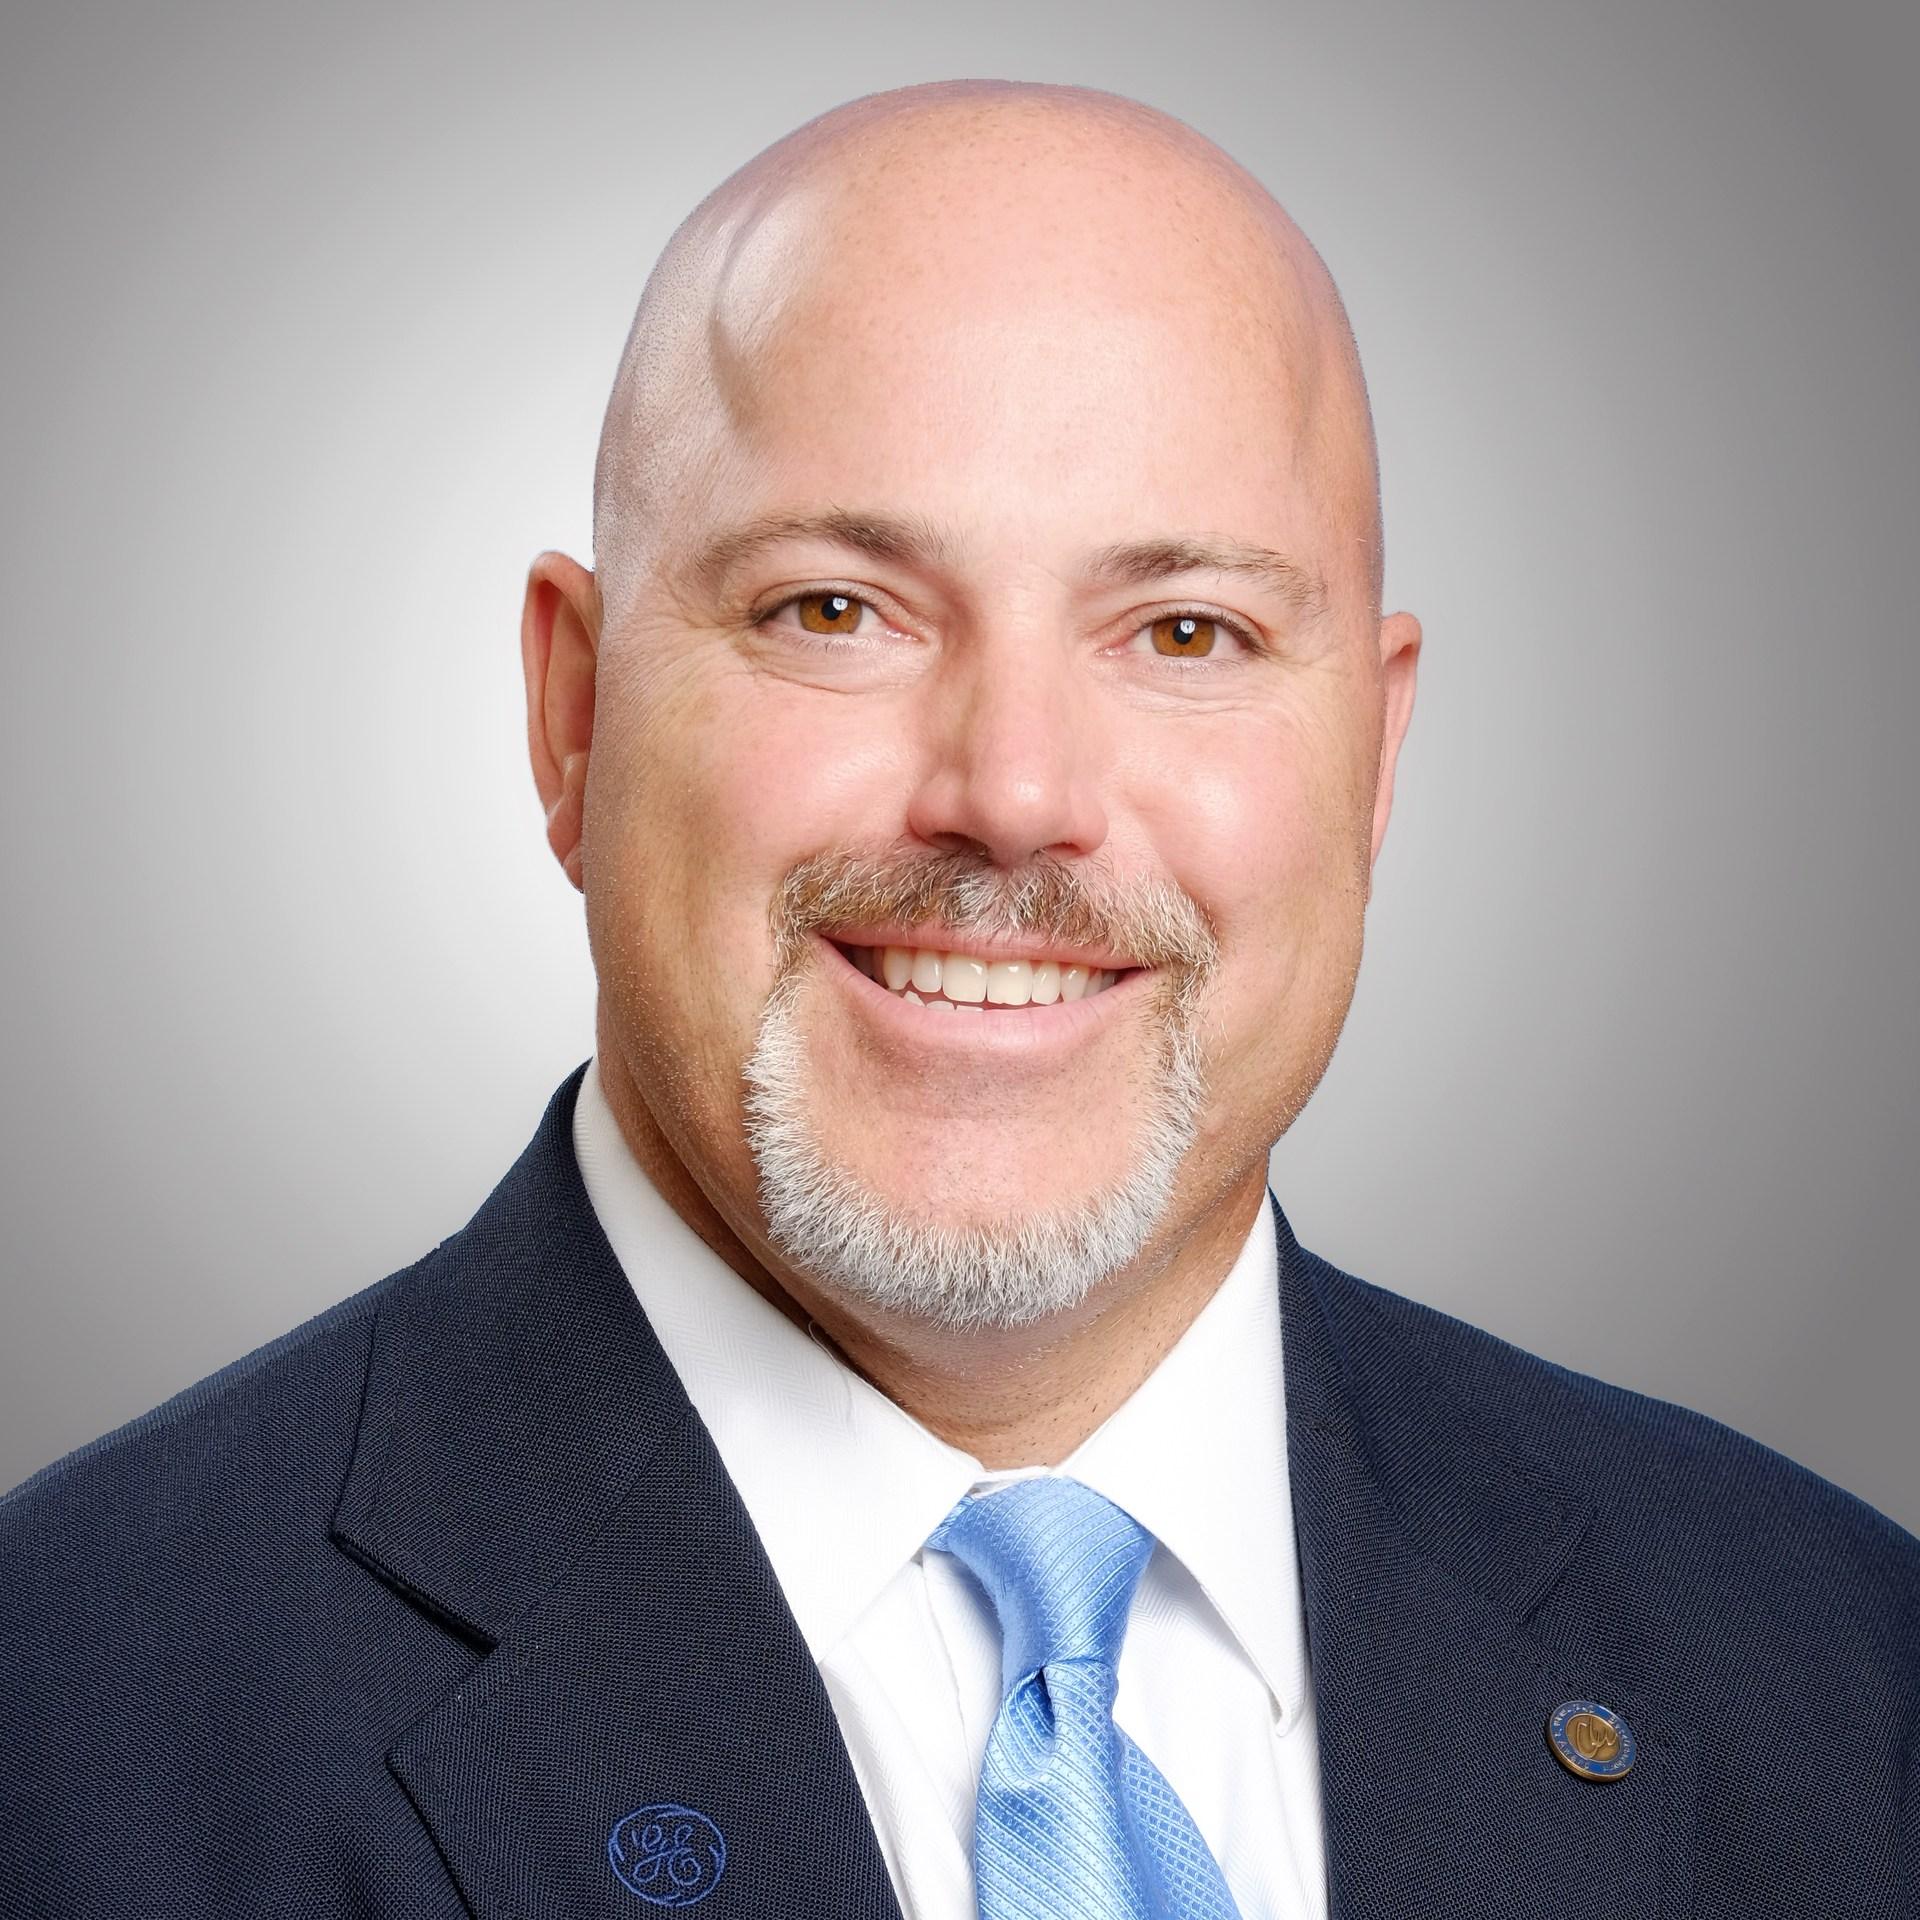 Michael DiSanto Trustee